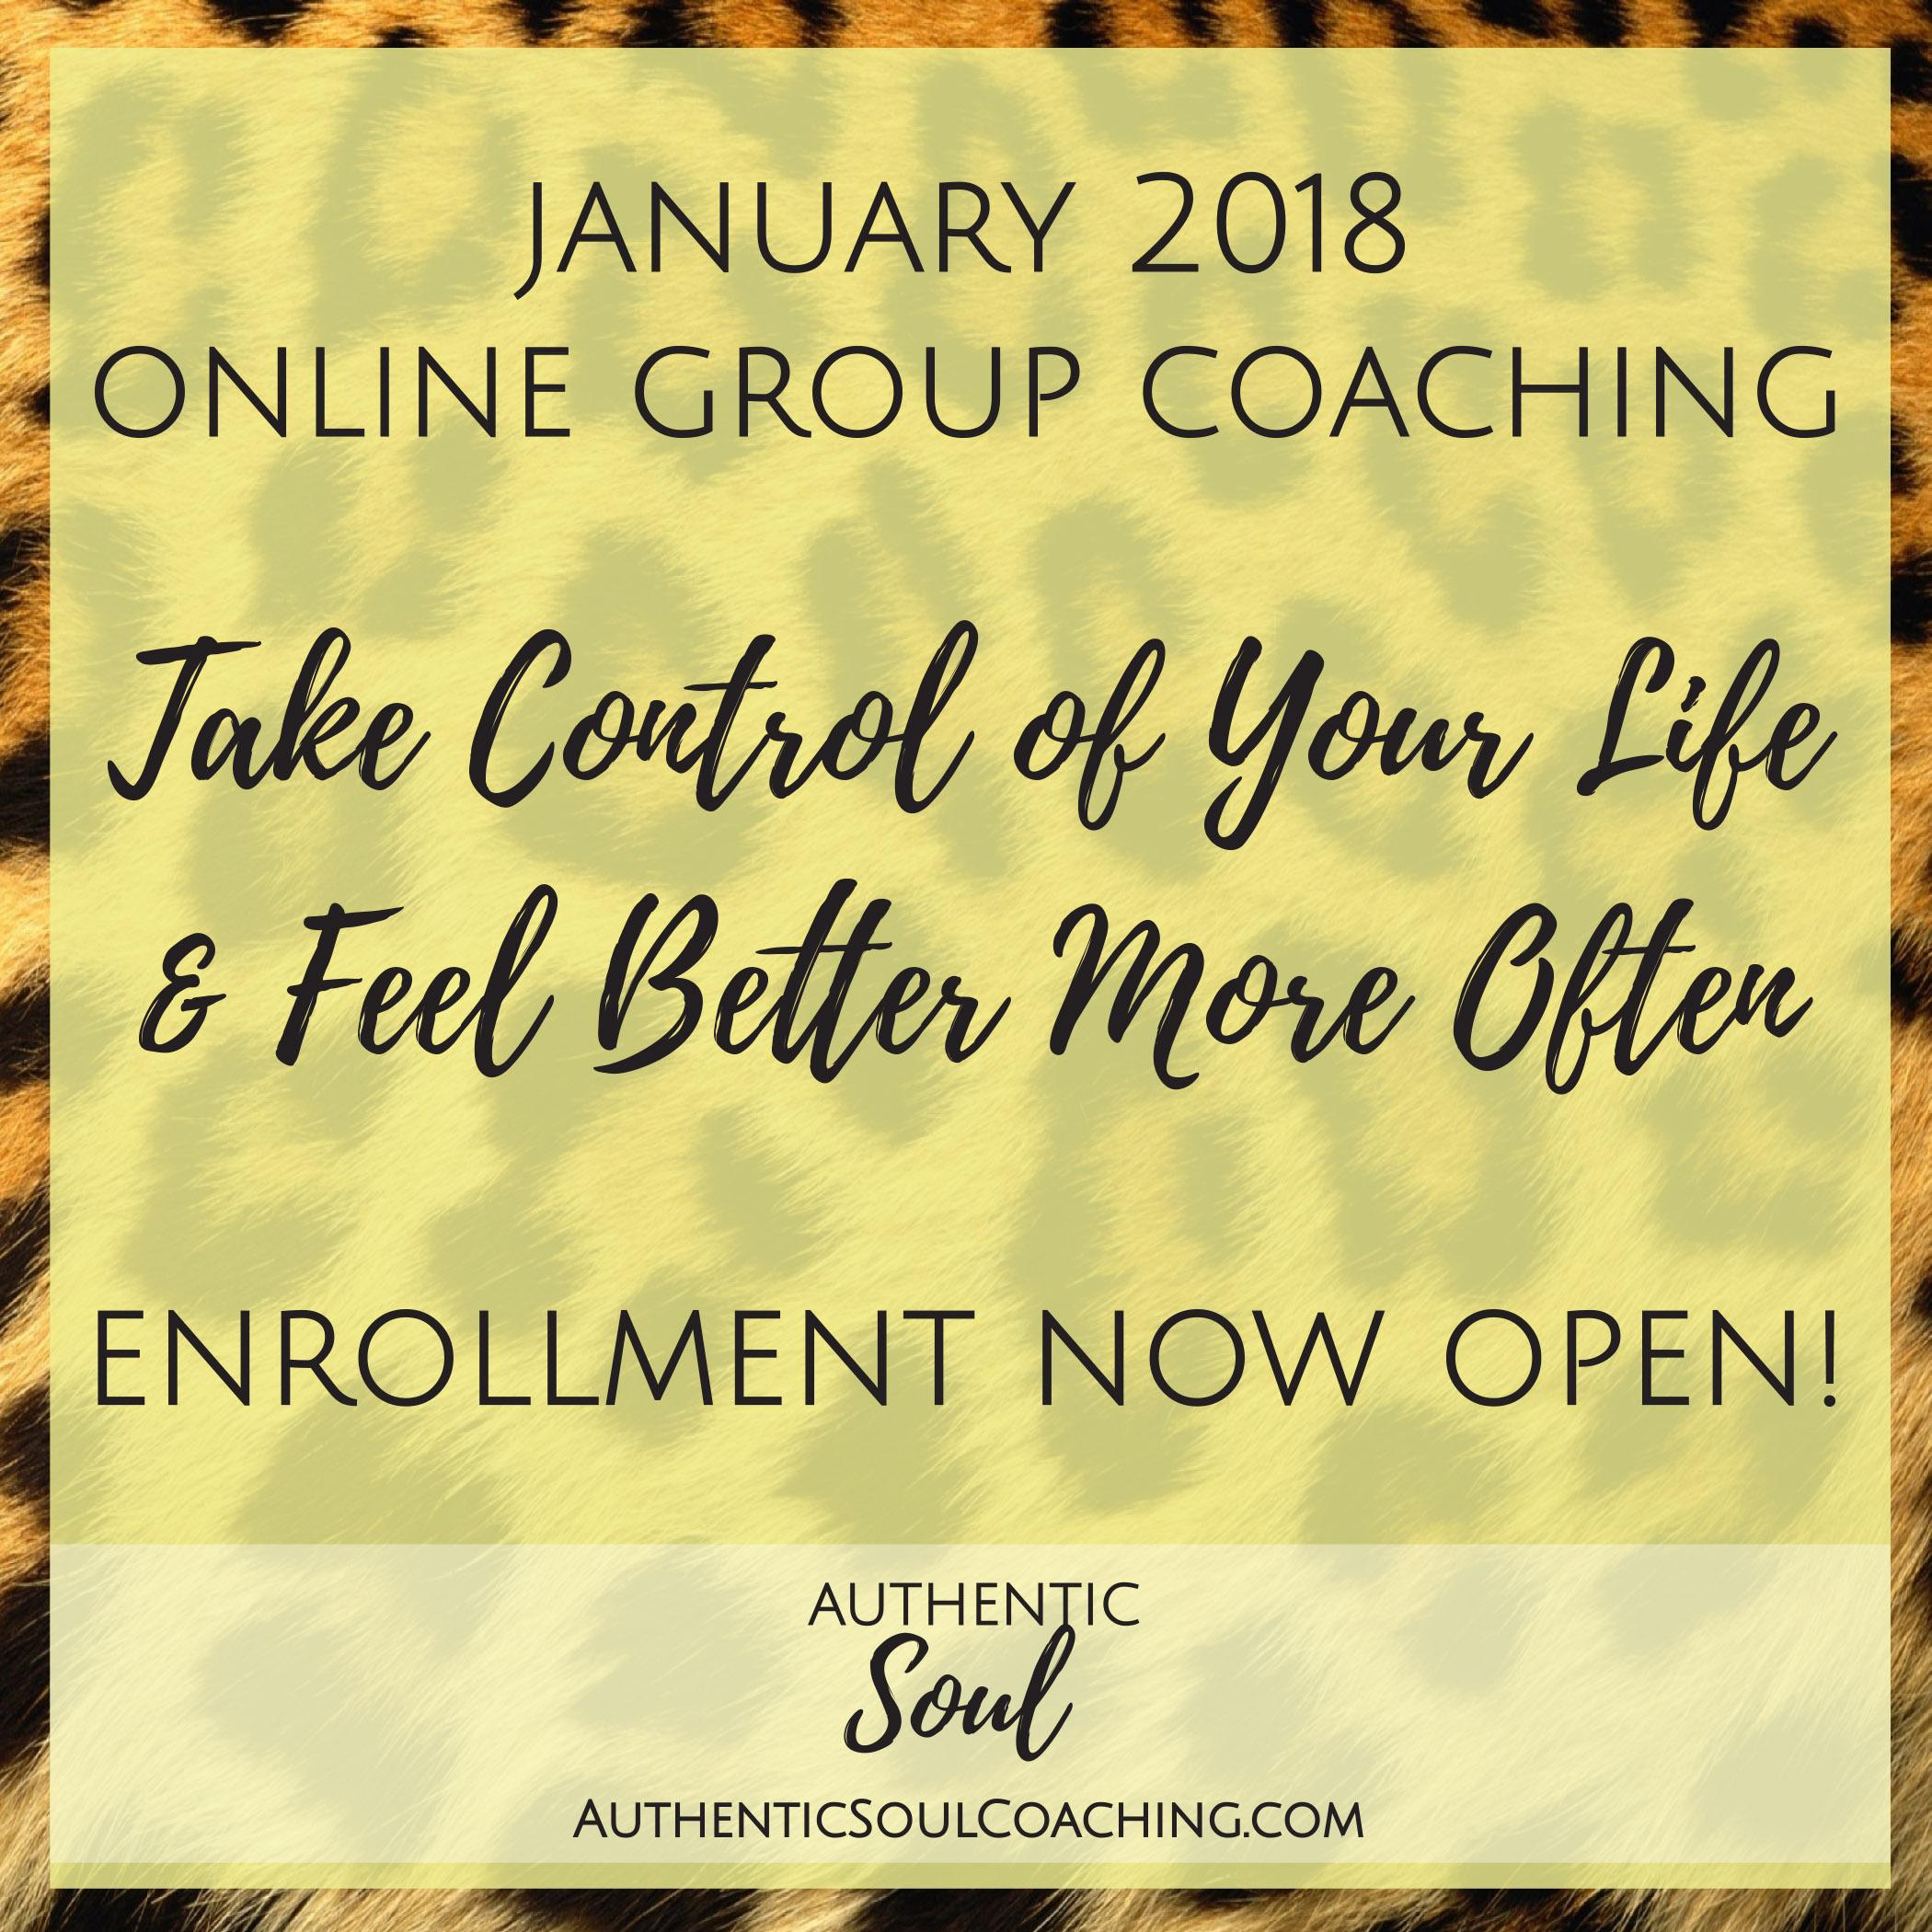 1. Jan. 2018 - Take Control of Your Life & Feel Better More Often.jpg